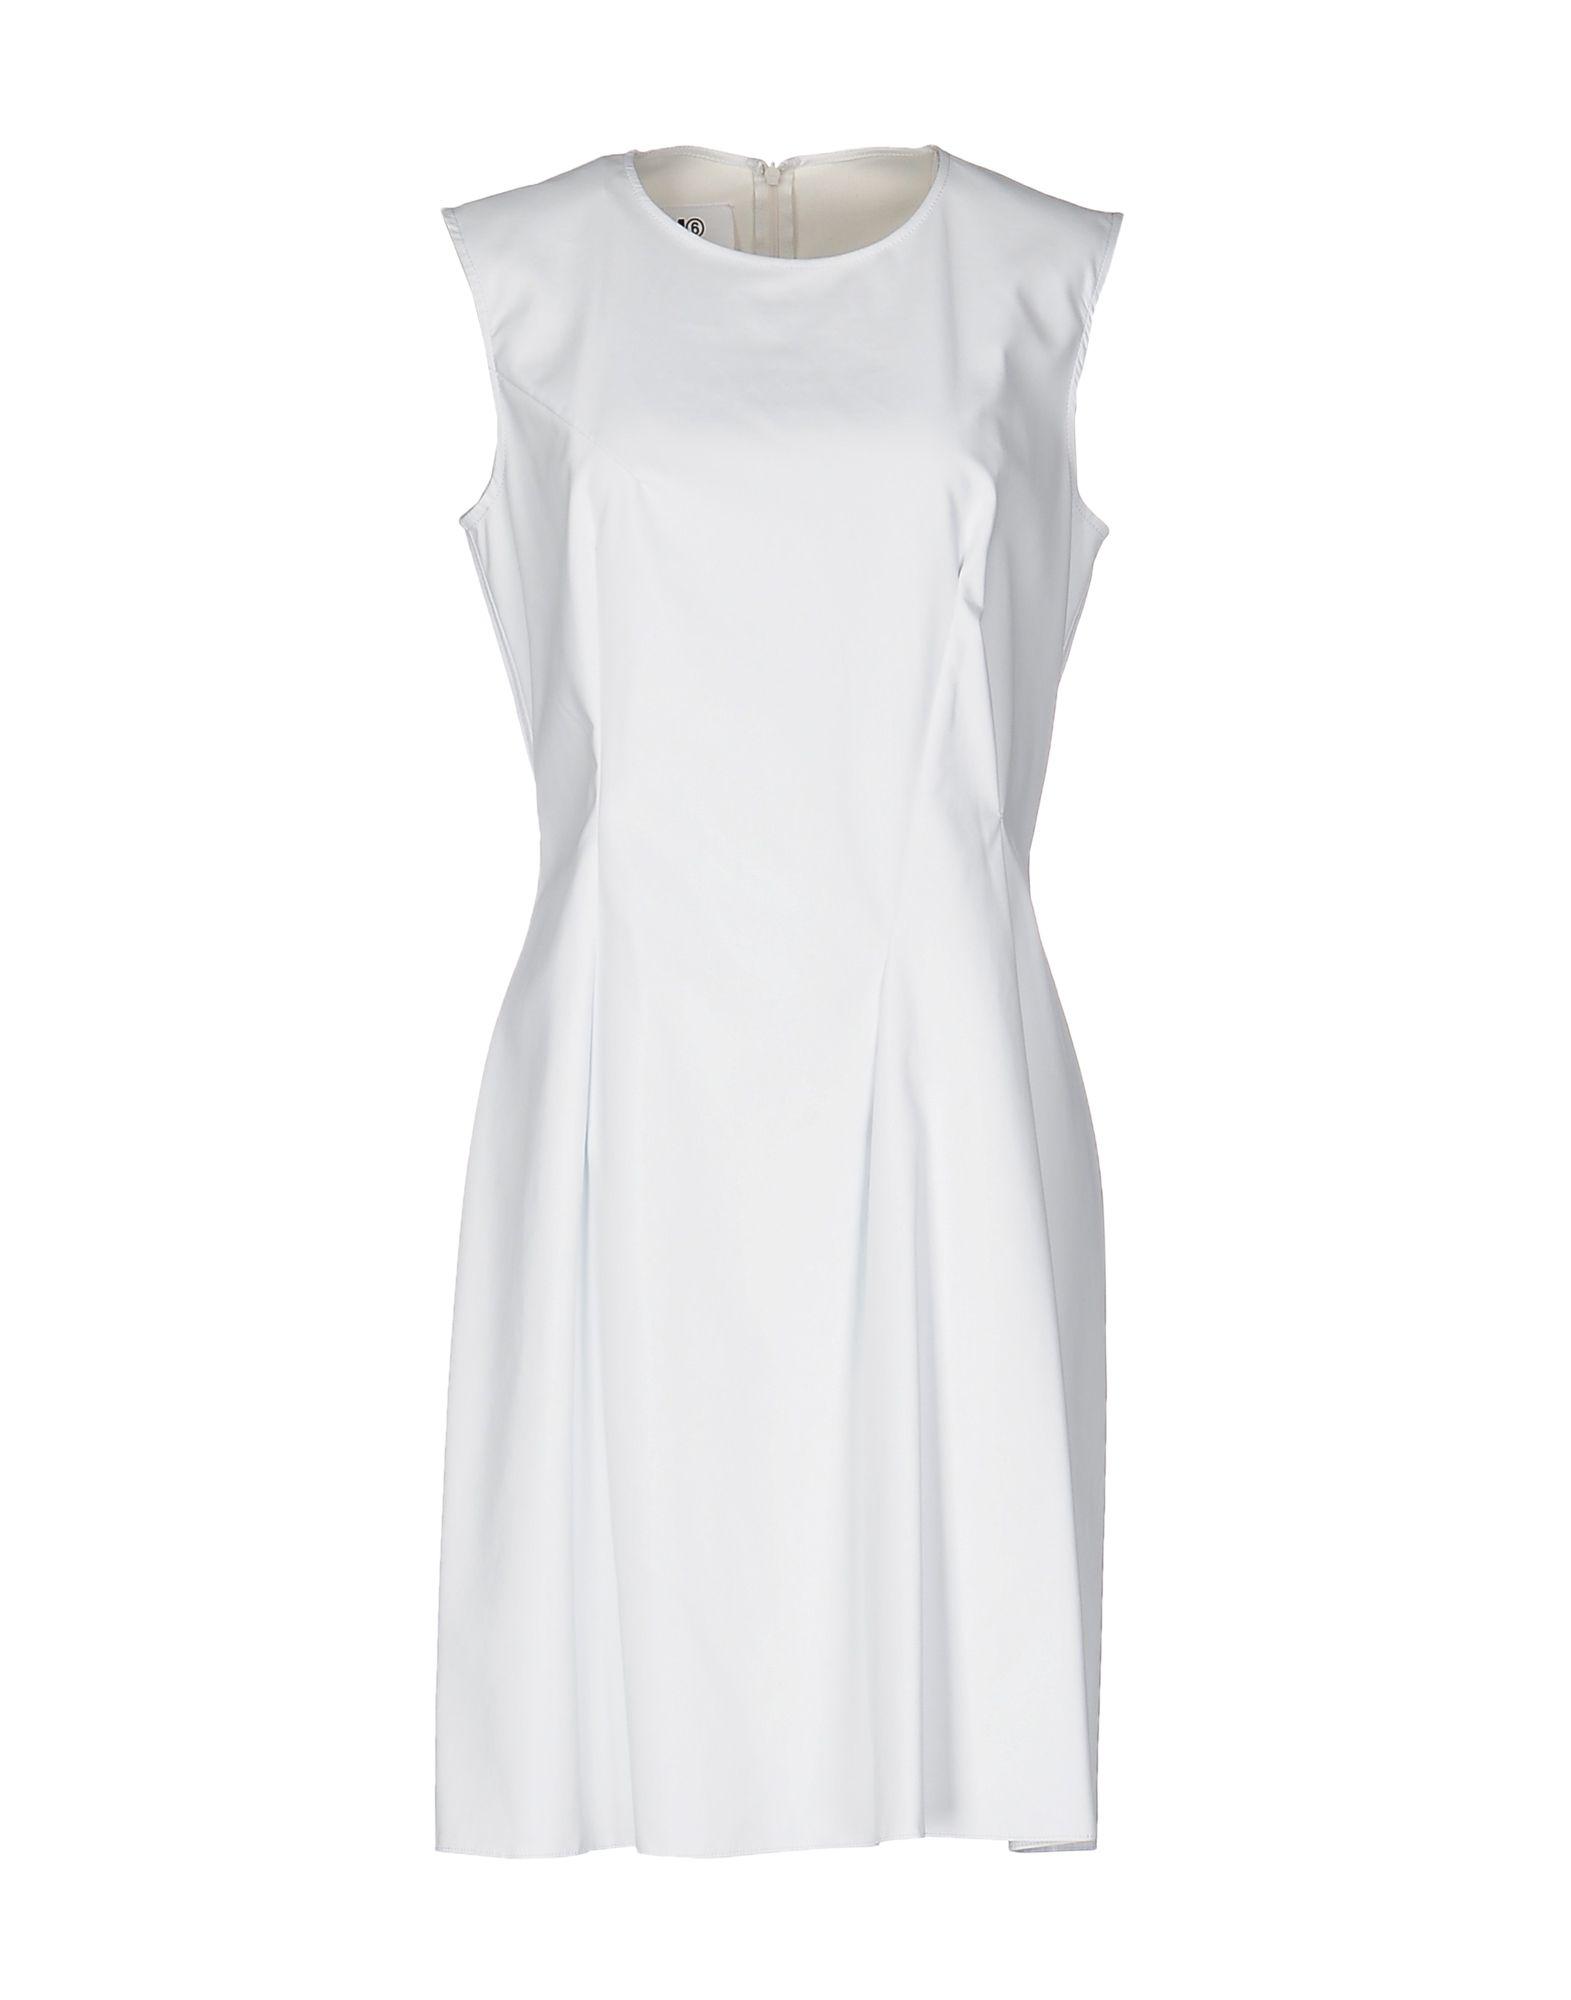 MM6 MAISON MARGIELA Damen Kurzes Kleid Farbe Weiß Größe 4 - broschei